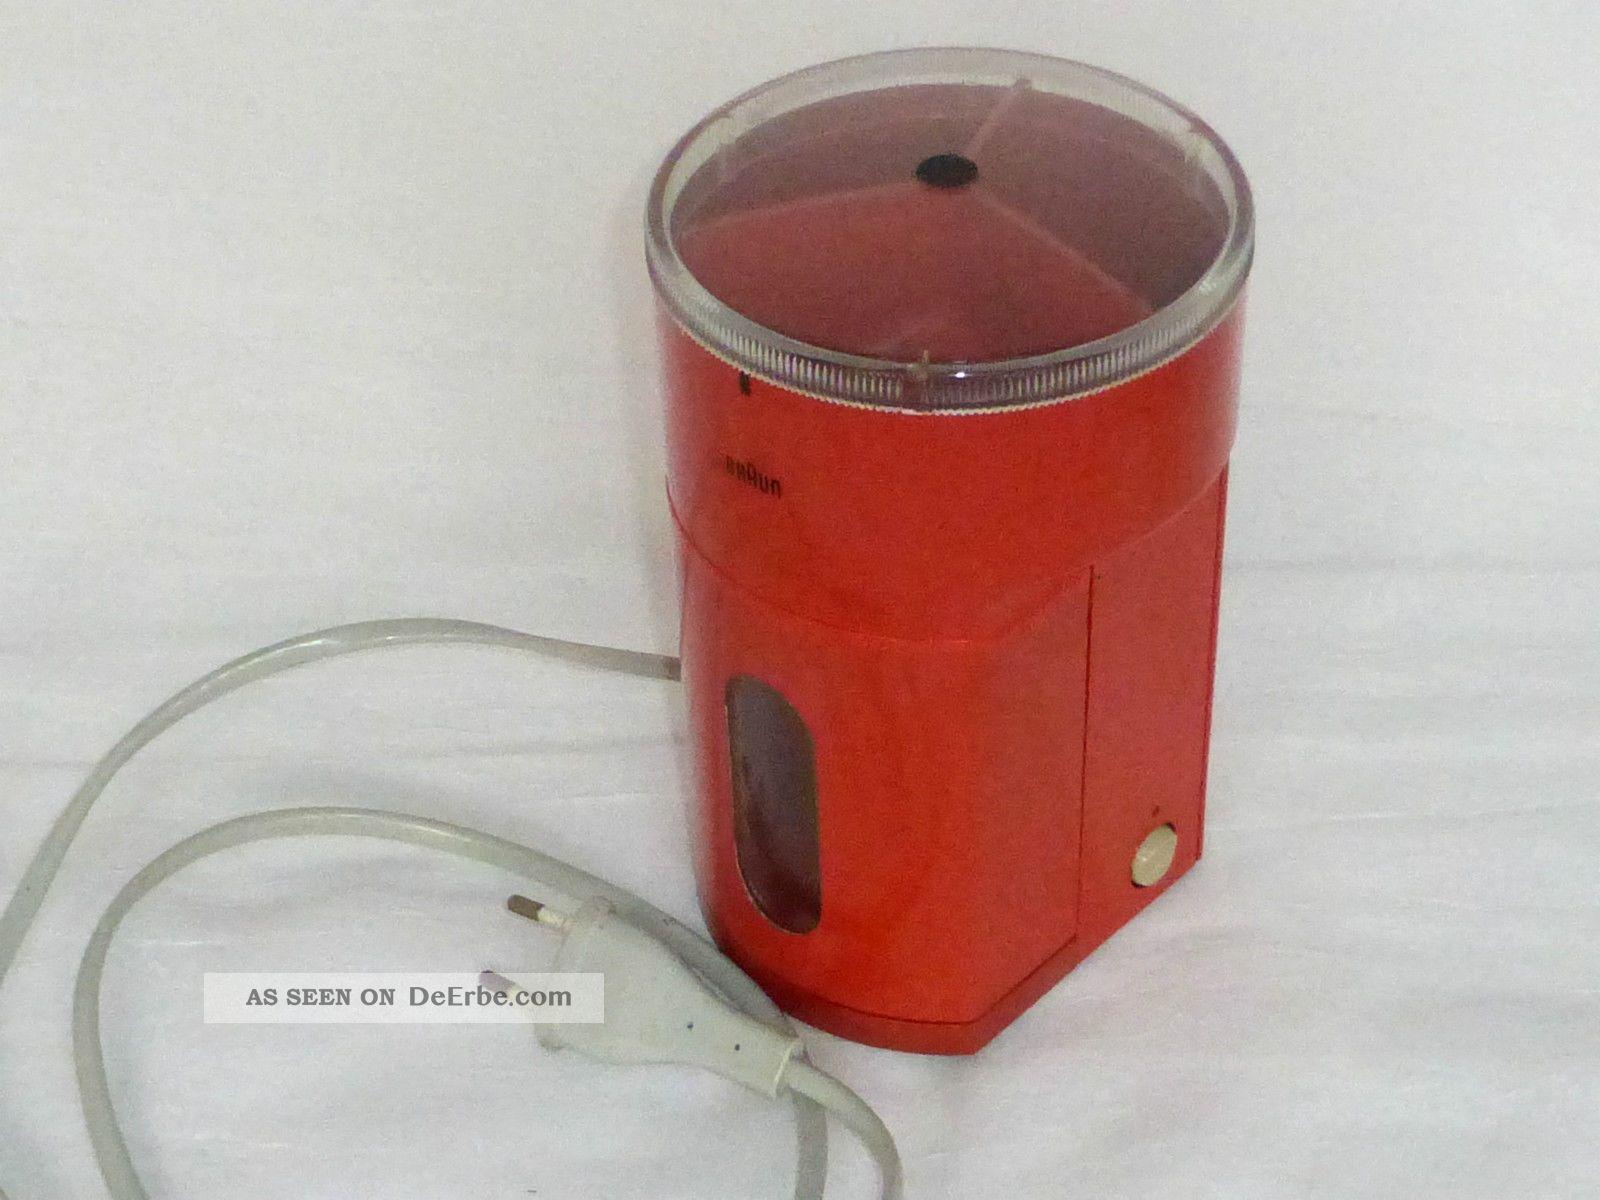 Braun Kmm2 Elektronische Kaffeemhle Typ 4023 Vintage Kche 70 Er Jahre Orange